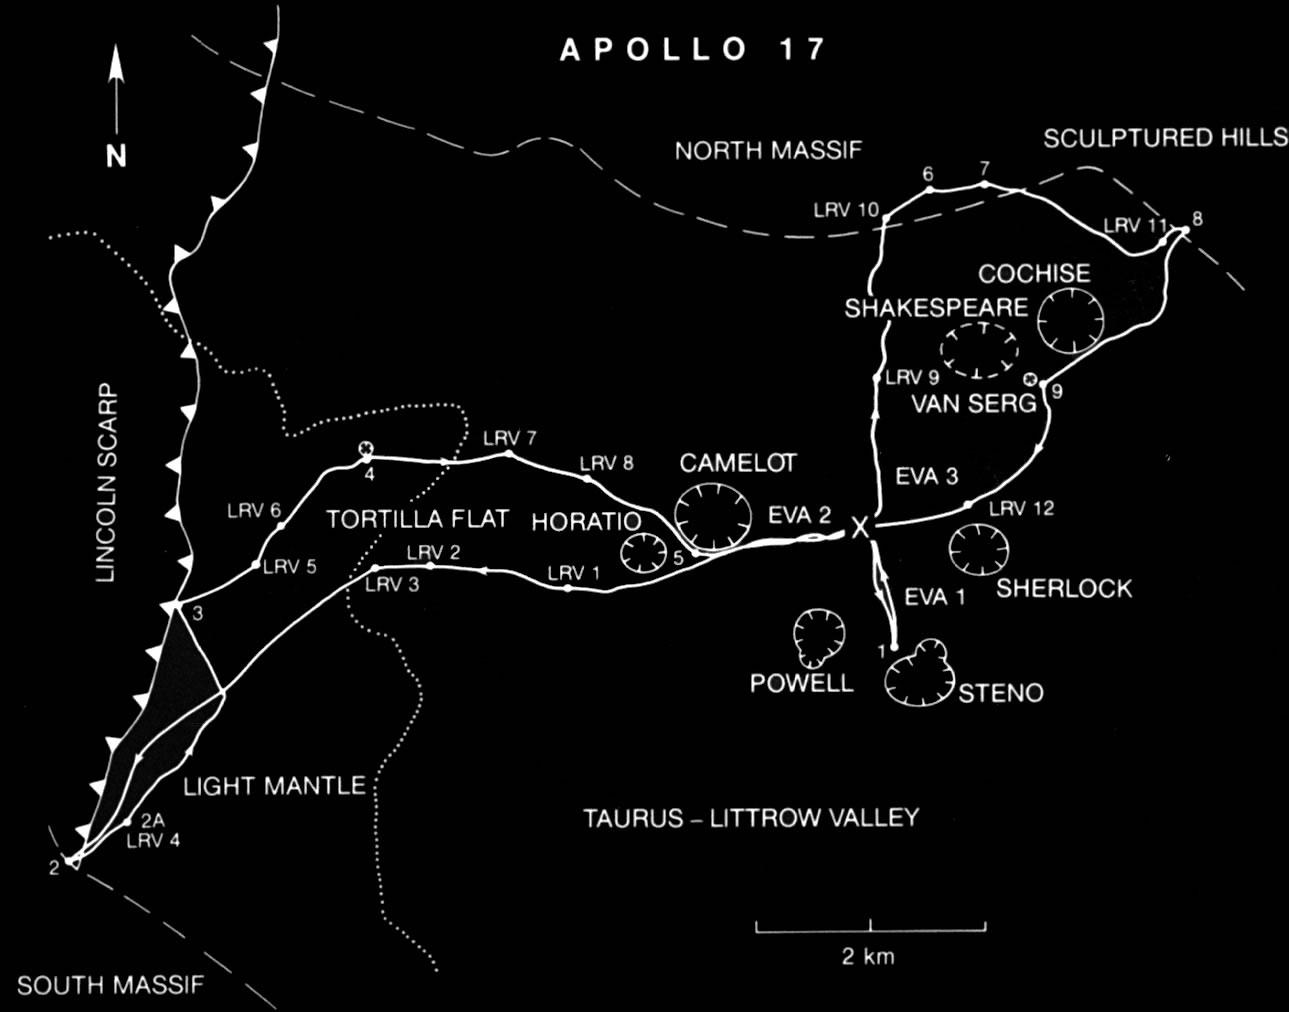 Apollo 17 Traverses